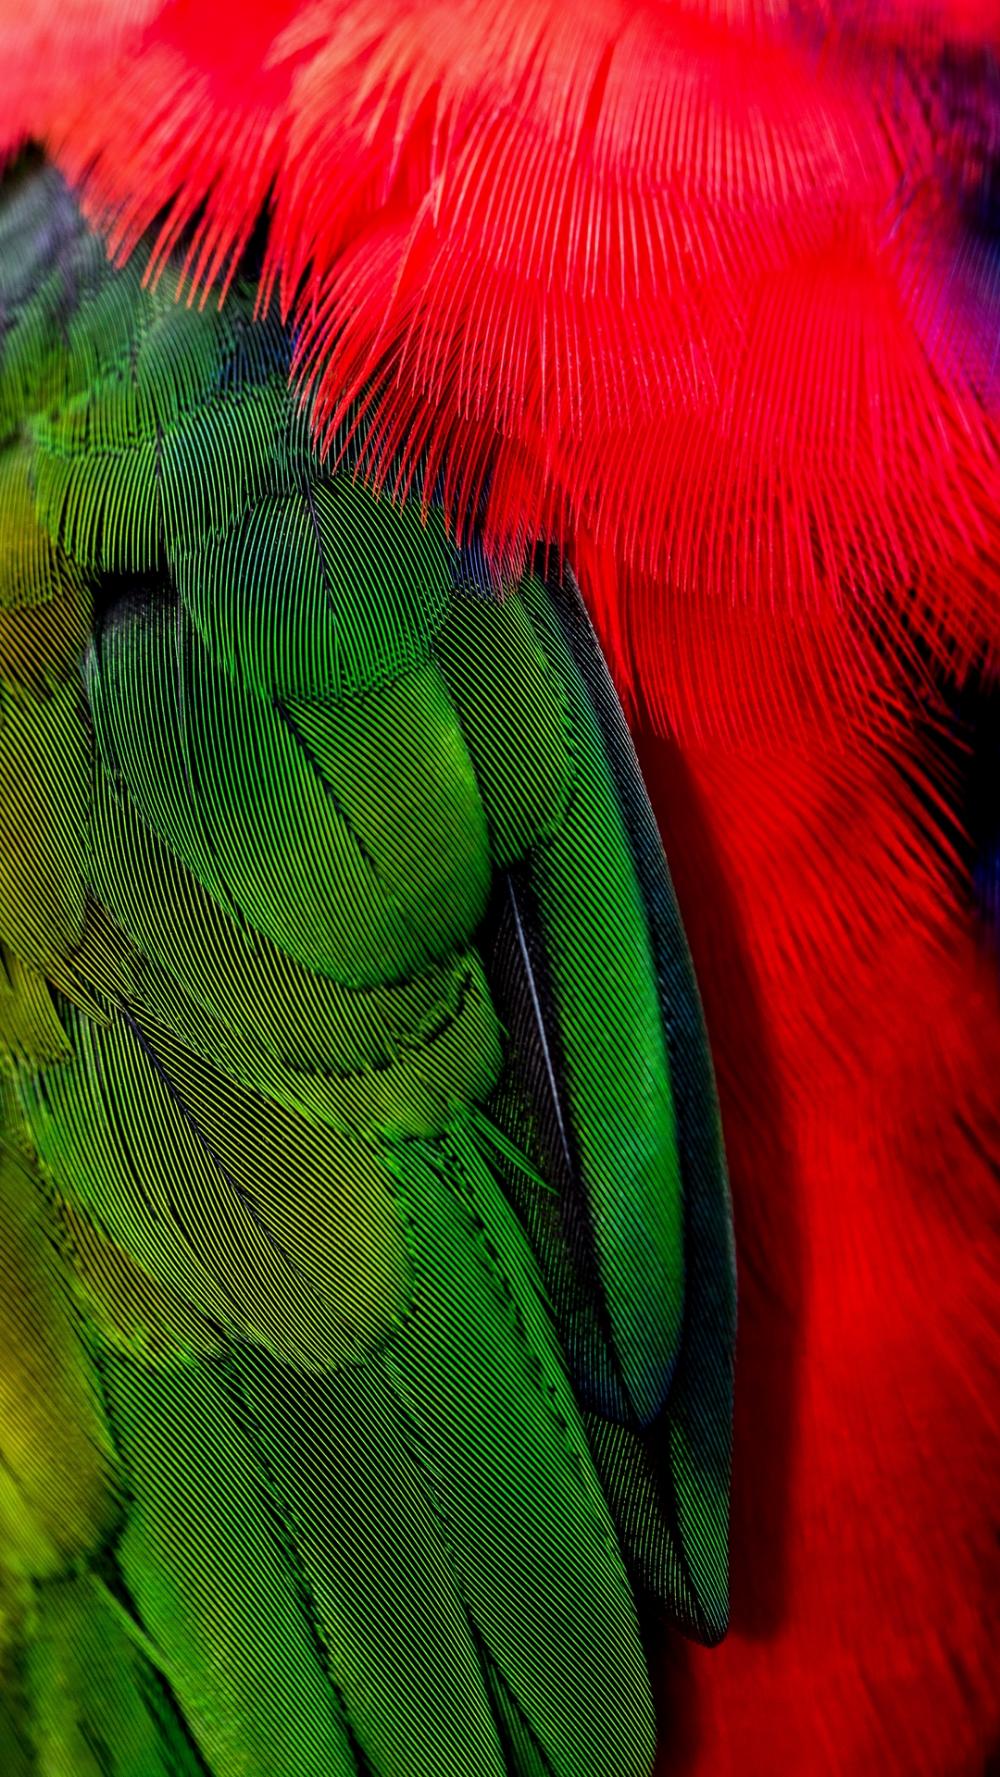 Telecharger Le Papier Peint 1080x1920 Plumes Vert Rouge Oiseau Samsung Galaxy S4 S5 Note Sony En 2020 Samsung Galaxy S4 Papier Peint Galaxy